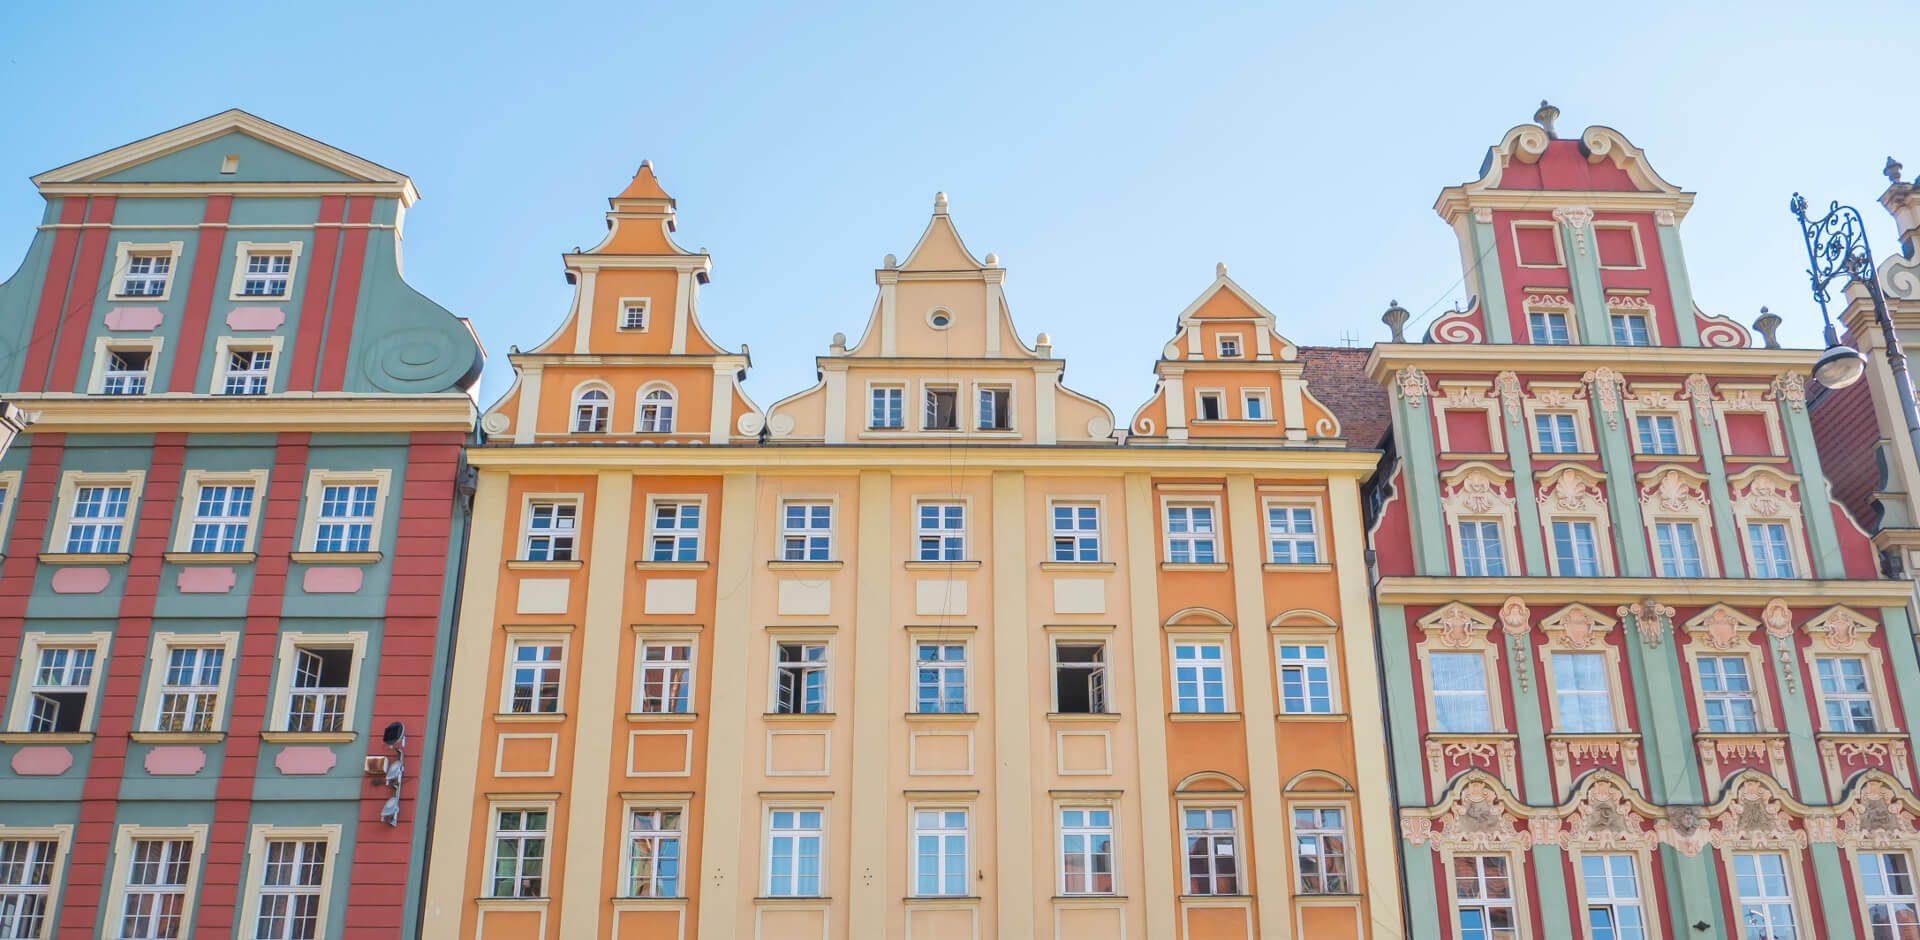 Wrocław - gdzie spać tanio? Najlepsze hotele, hostele i obiekty noclegowe